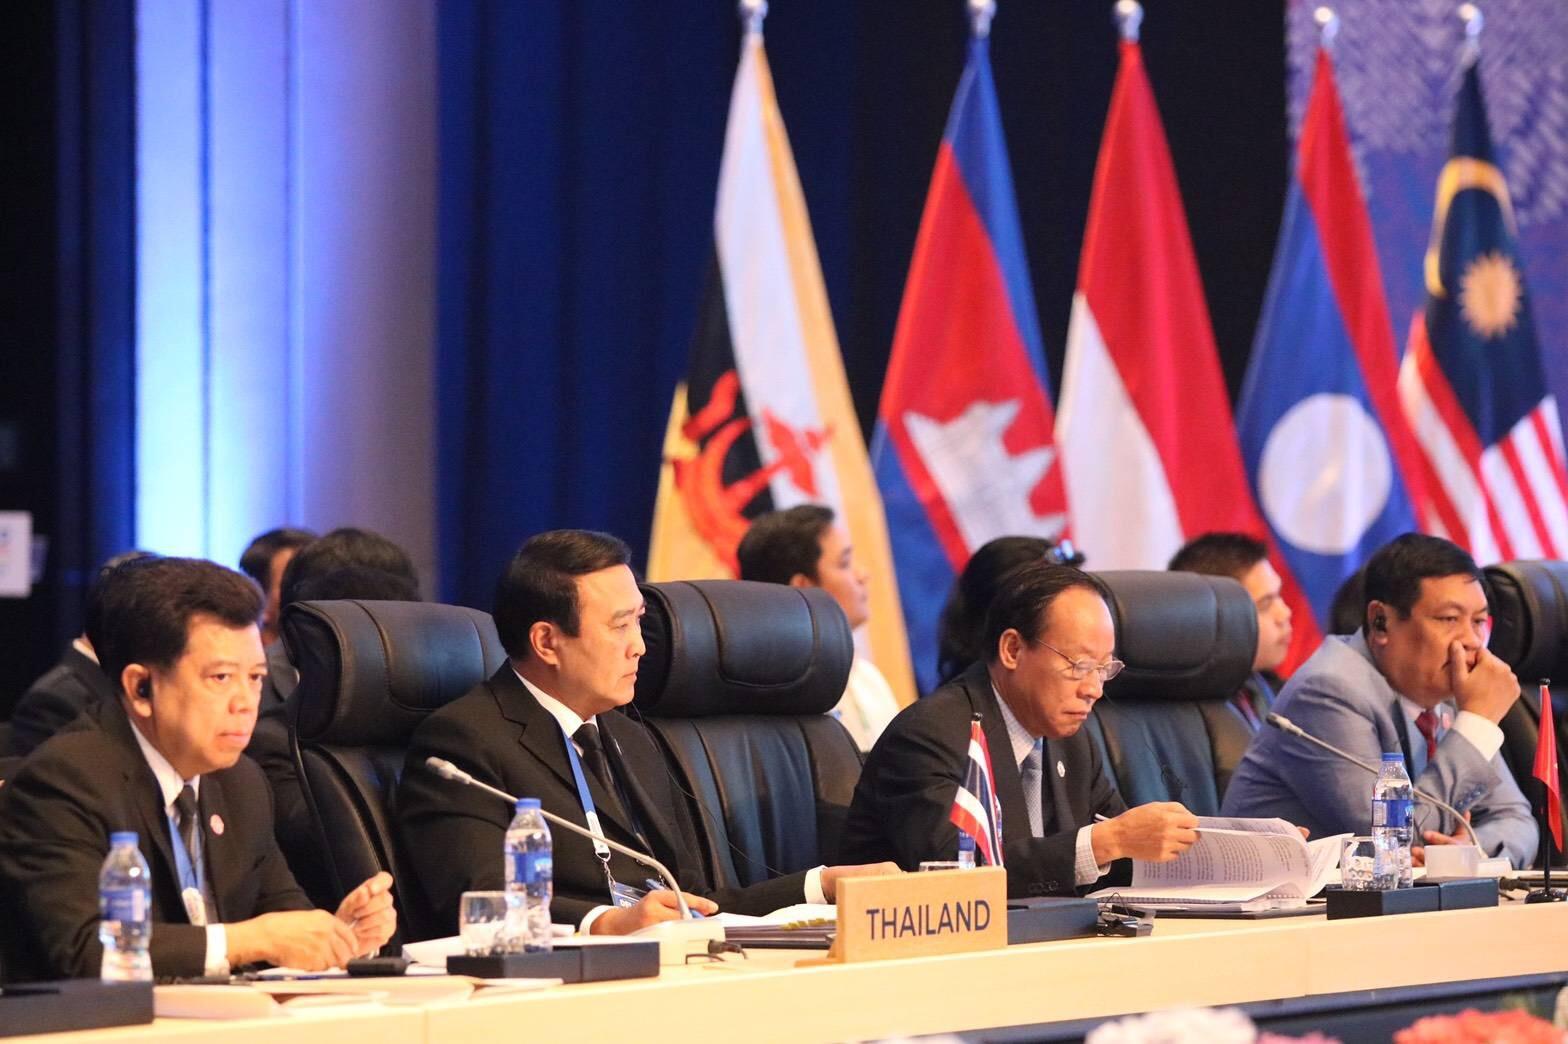 การประชุมครบองค์คณะระดับรัฐมนตรีอาเซียนด้านอาชญากรรมข้ามชาติ (ASEAN Ministerial Meeting on Transnational Crimes) หรือ AMMTC